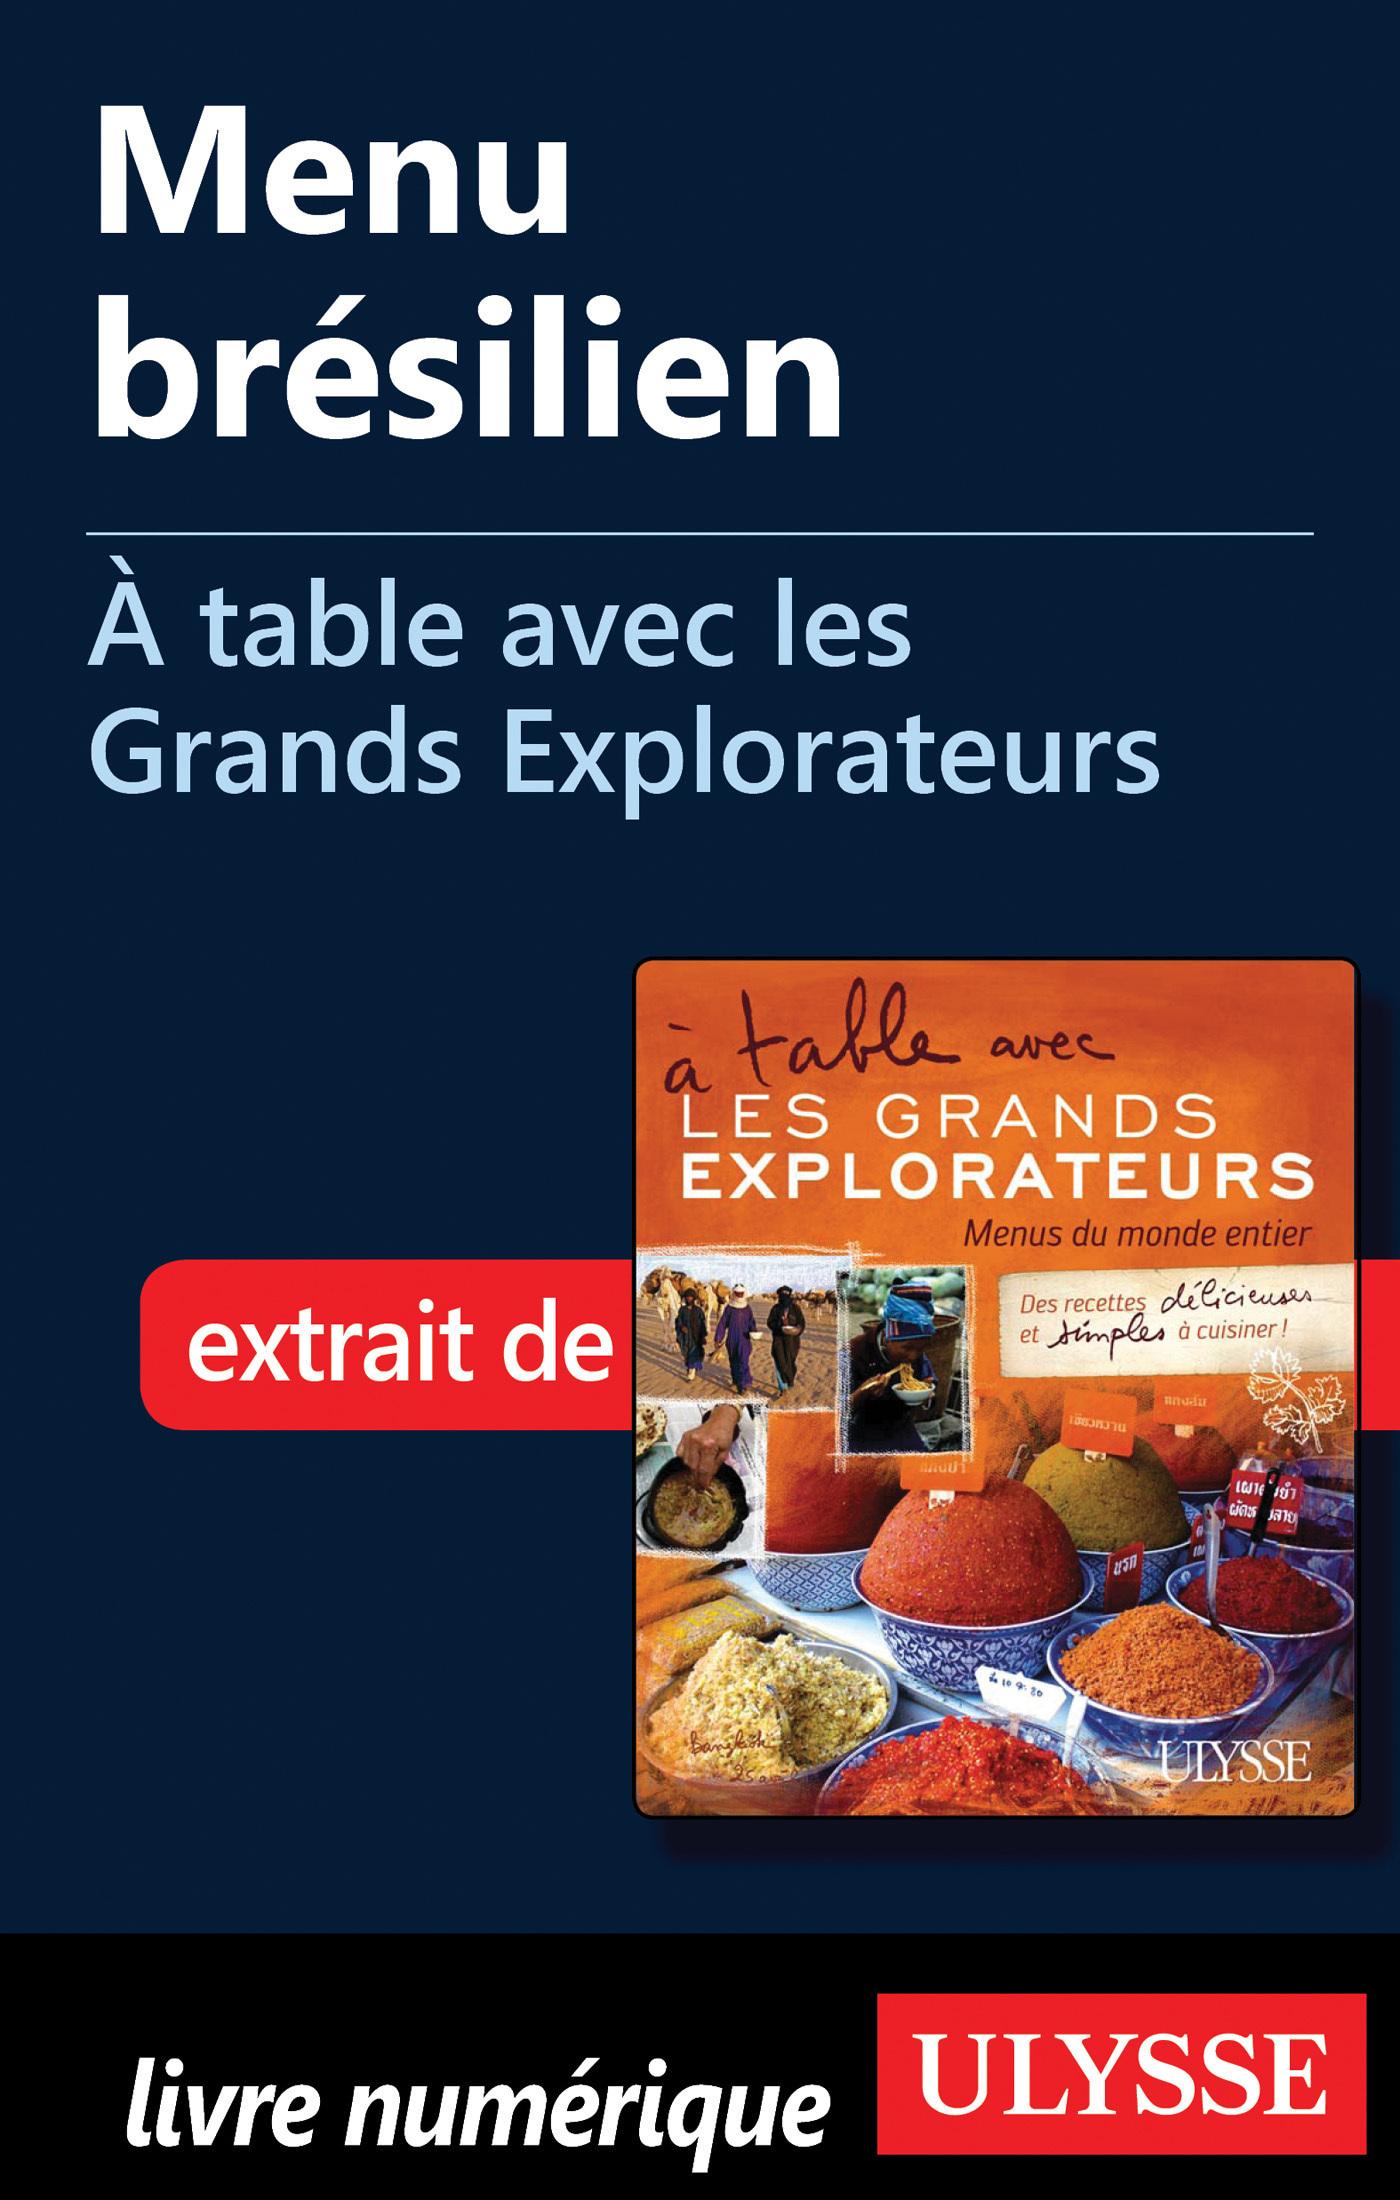 Menu brésilien - A table avec les Grands Explorateurs